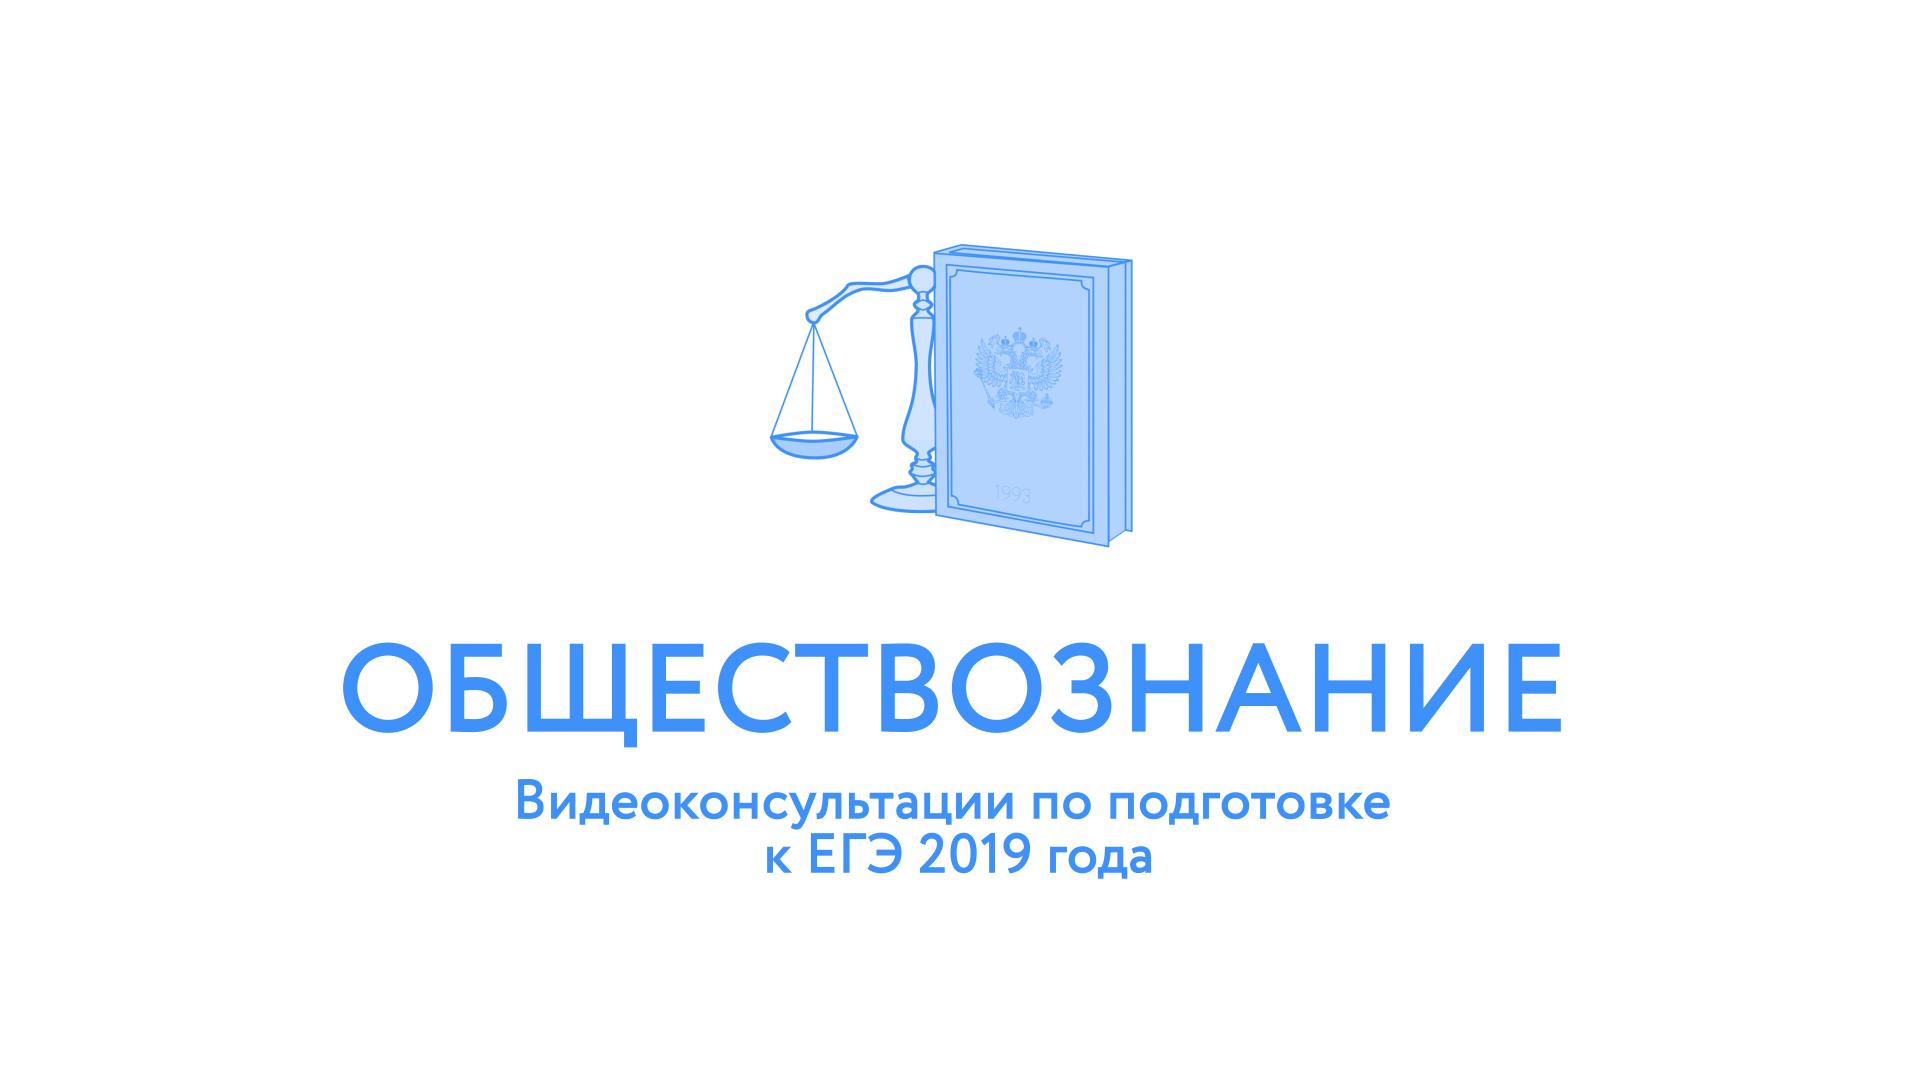 Zastavka Obchestvo (1)